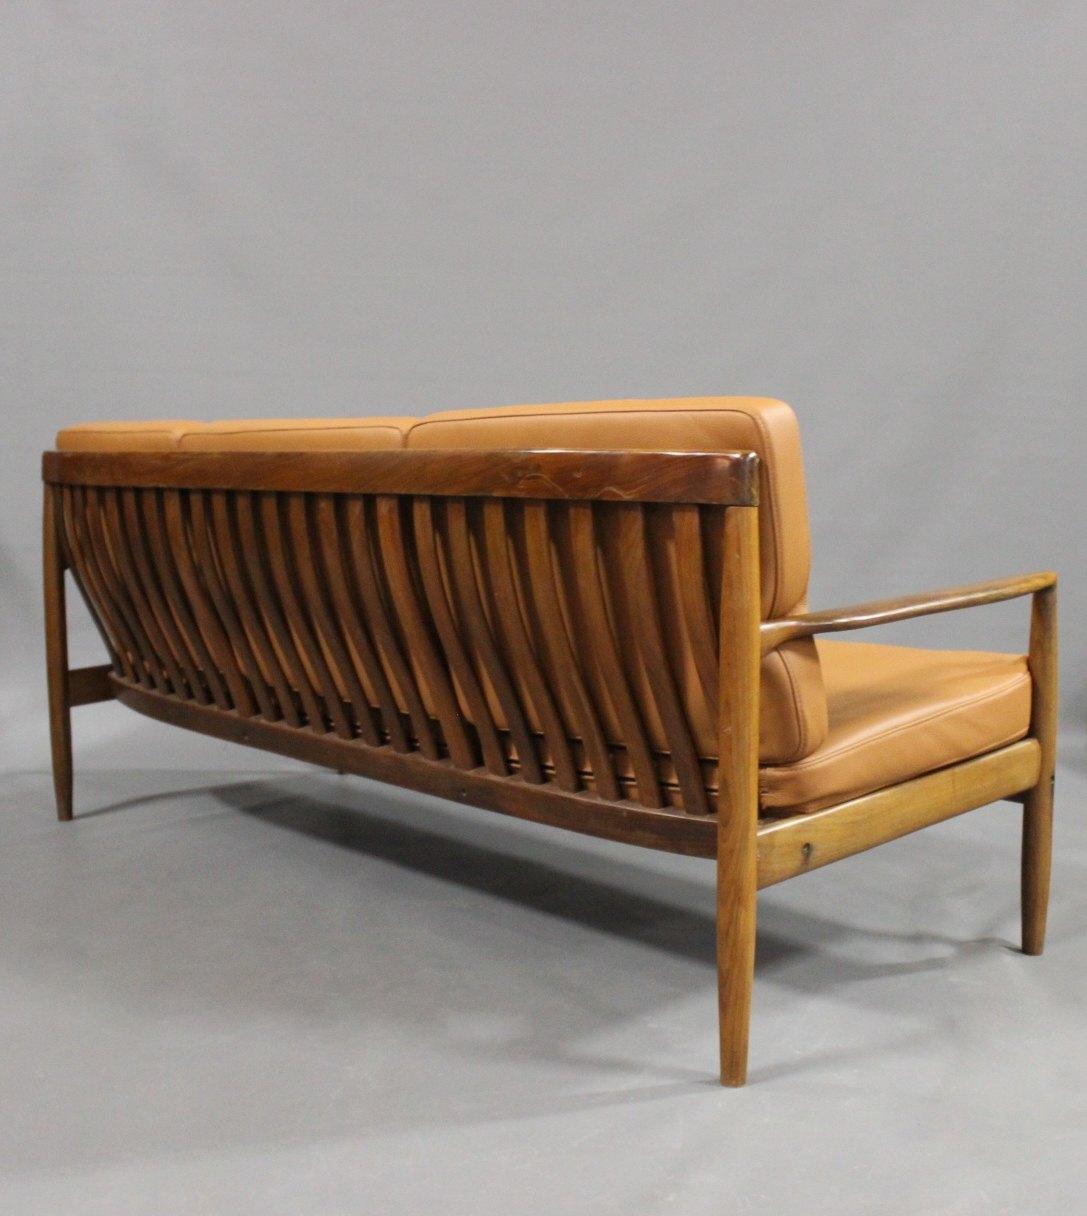 dansk design sofa .Antikvitet.  Tre personers sofa i palisander og hynder af  dansk design sofa